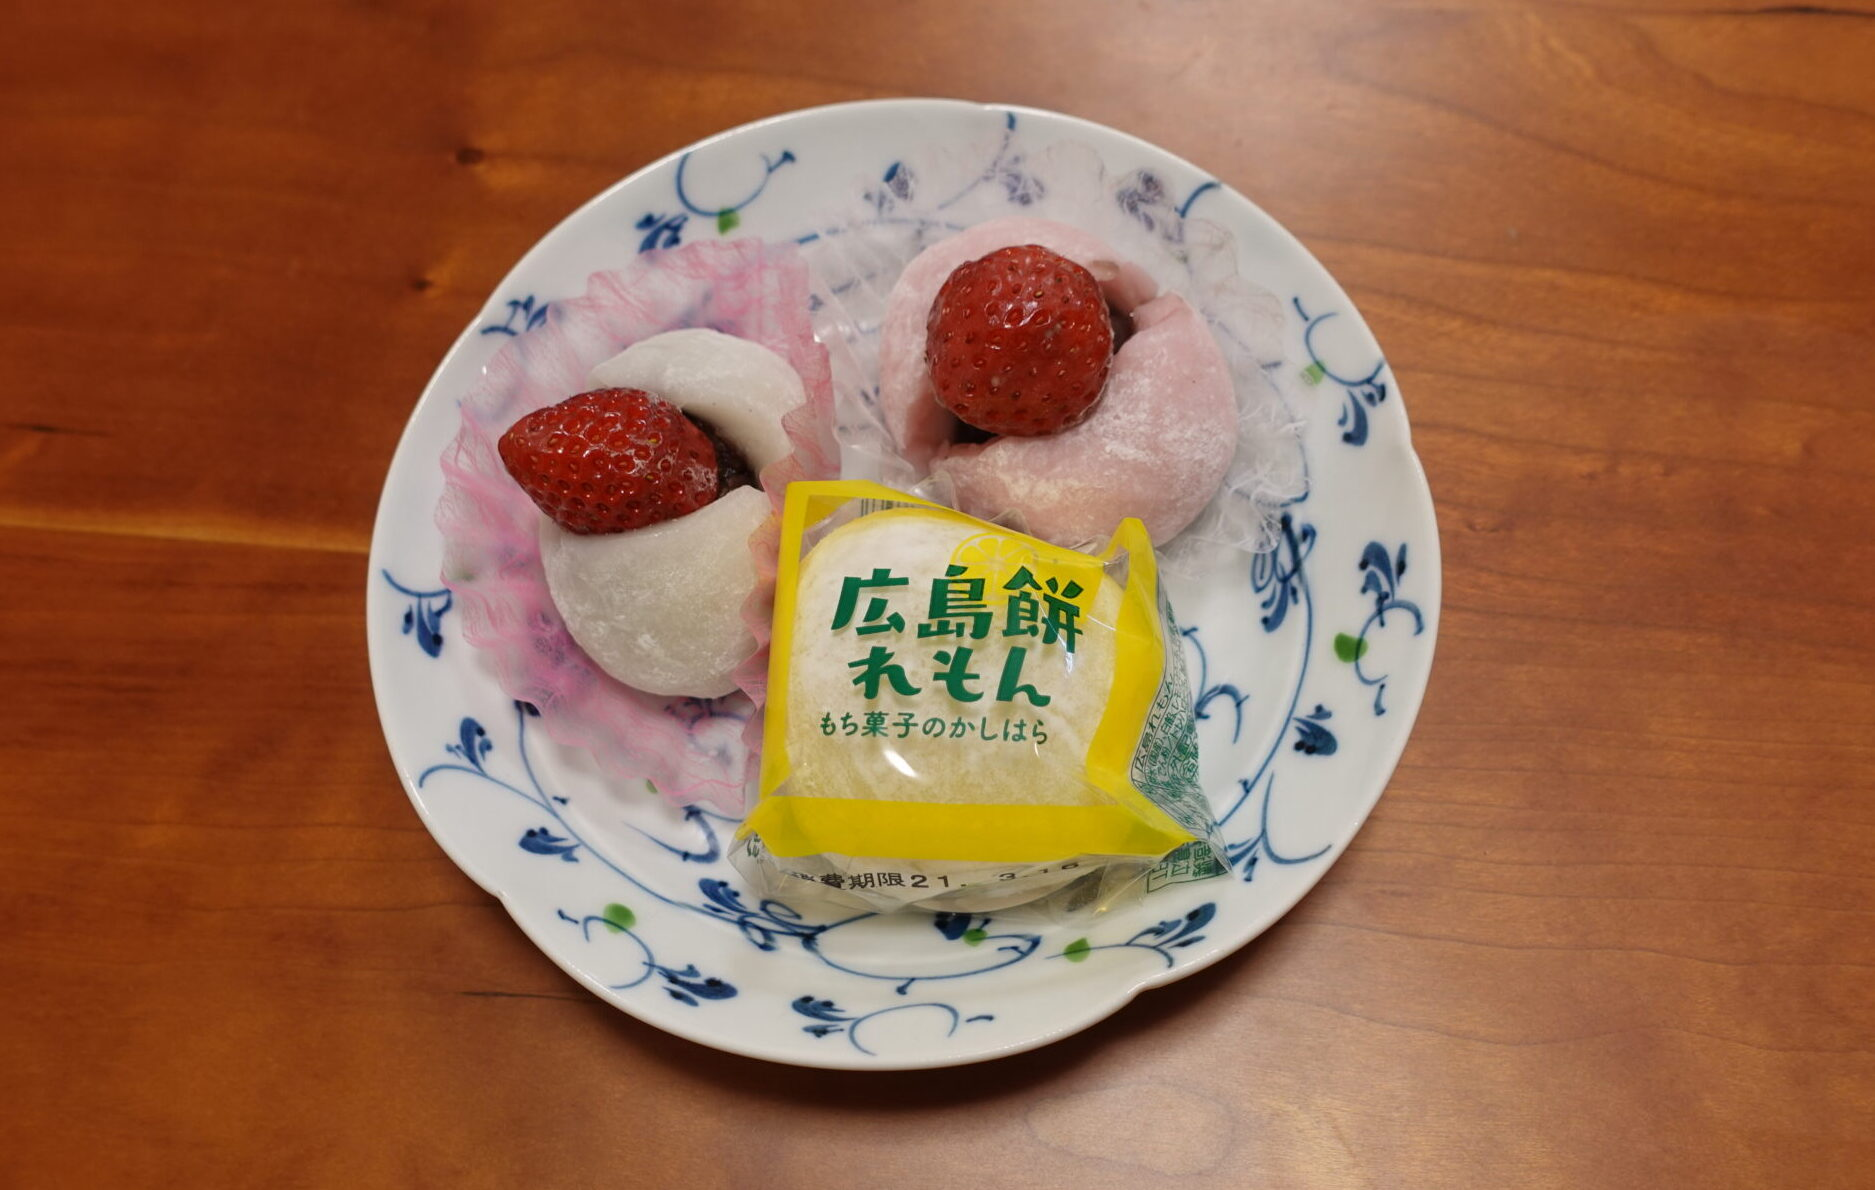 いちご大福と餅レモン